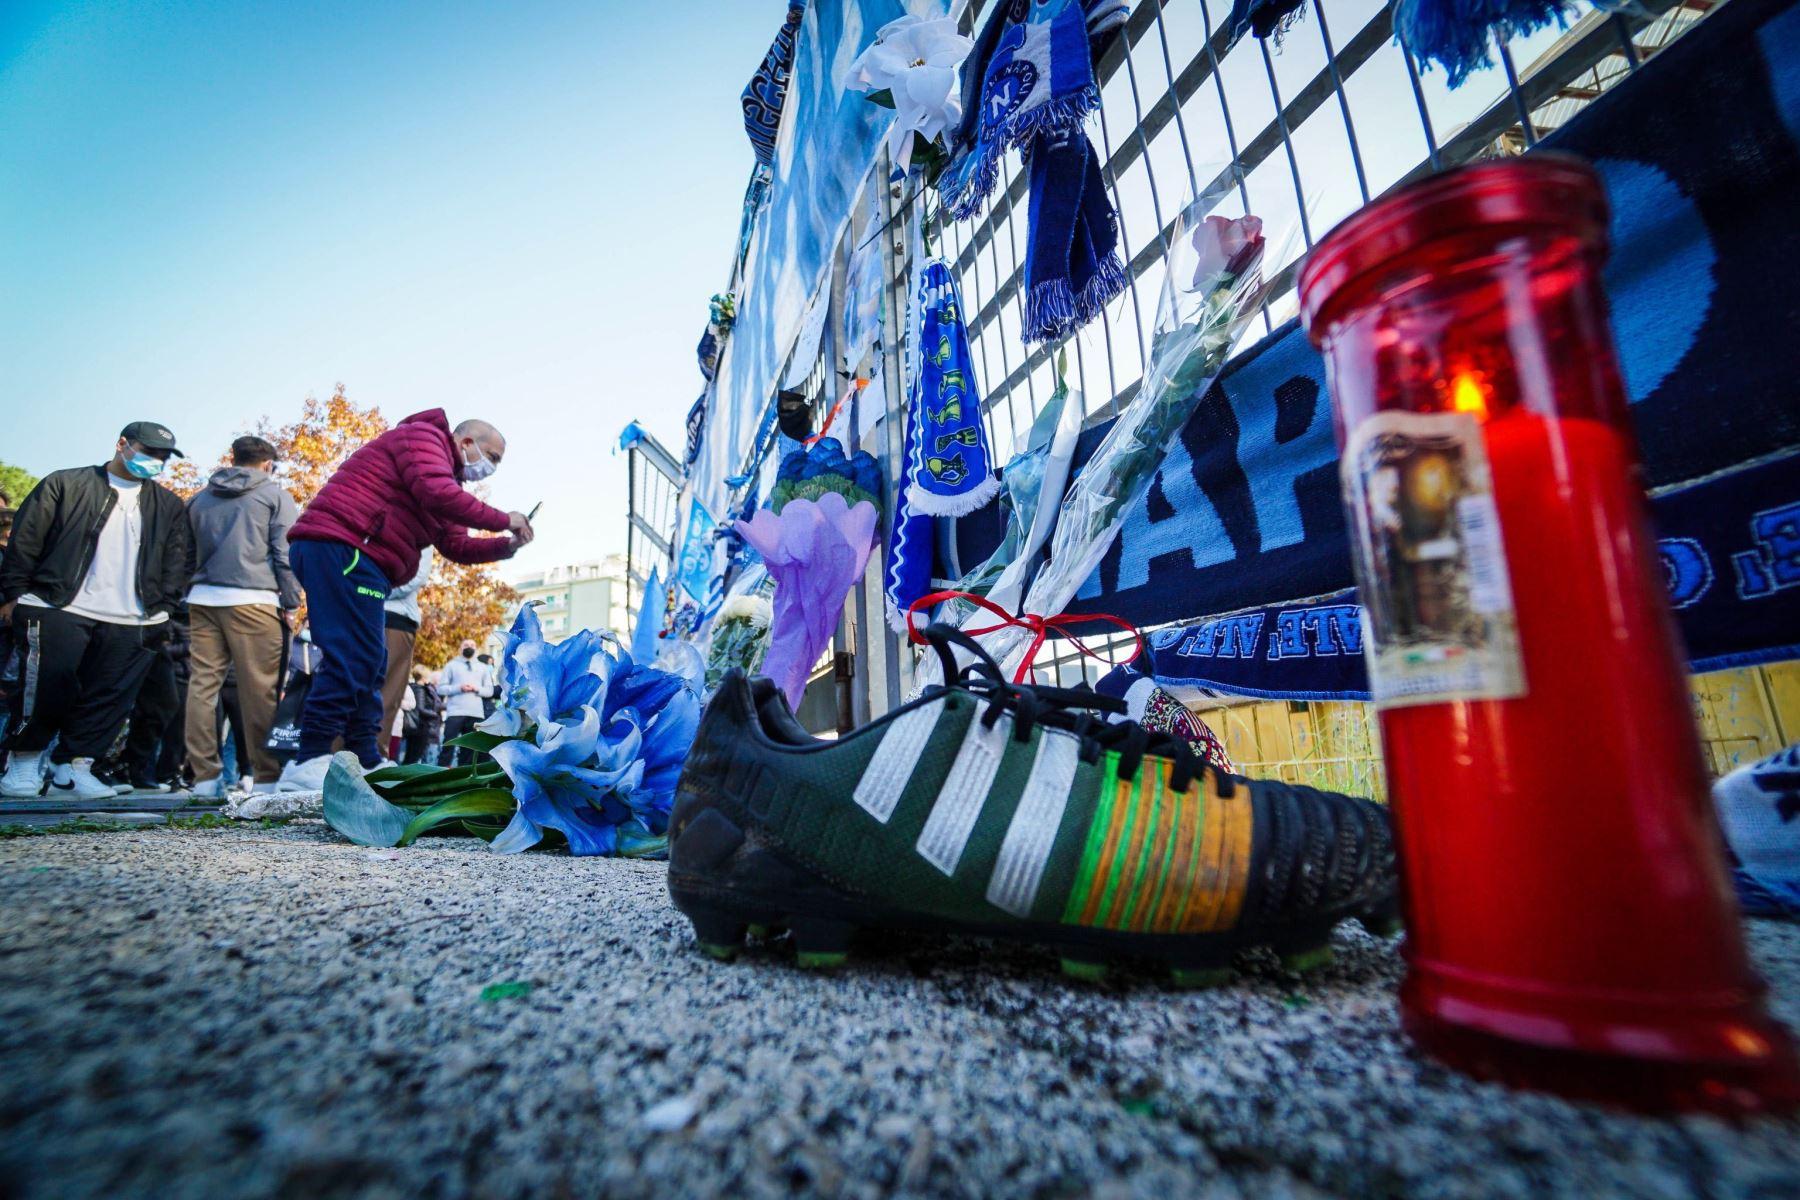 Los seguidores del Napoli se reúnen en el estadio de San Paolo para rendir homenaje a la leyenda del fútbol Diego Maradona en Nápoles, Italia. Foto: EFE